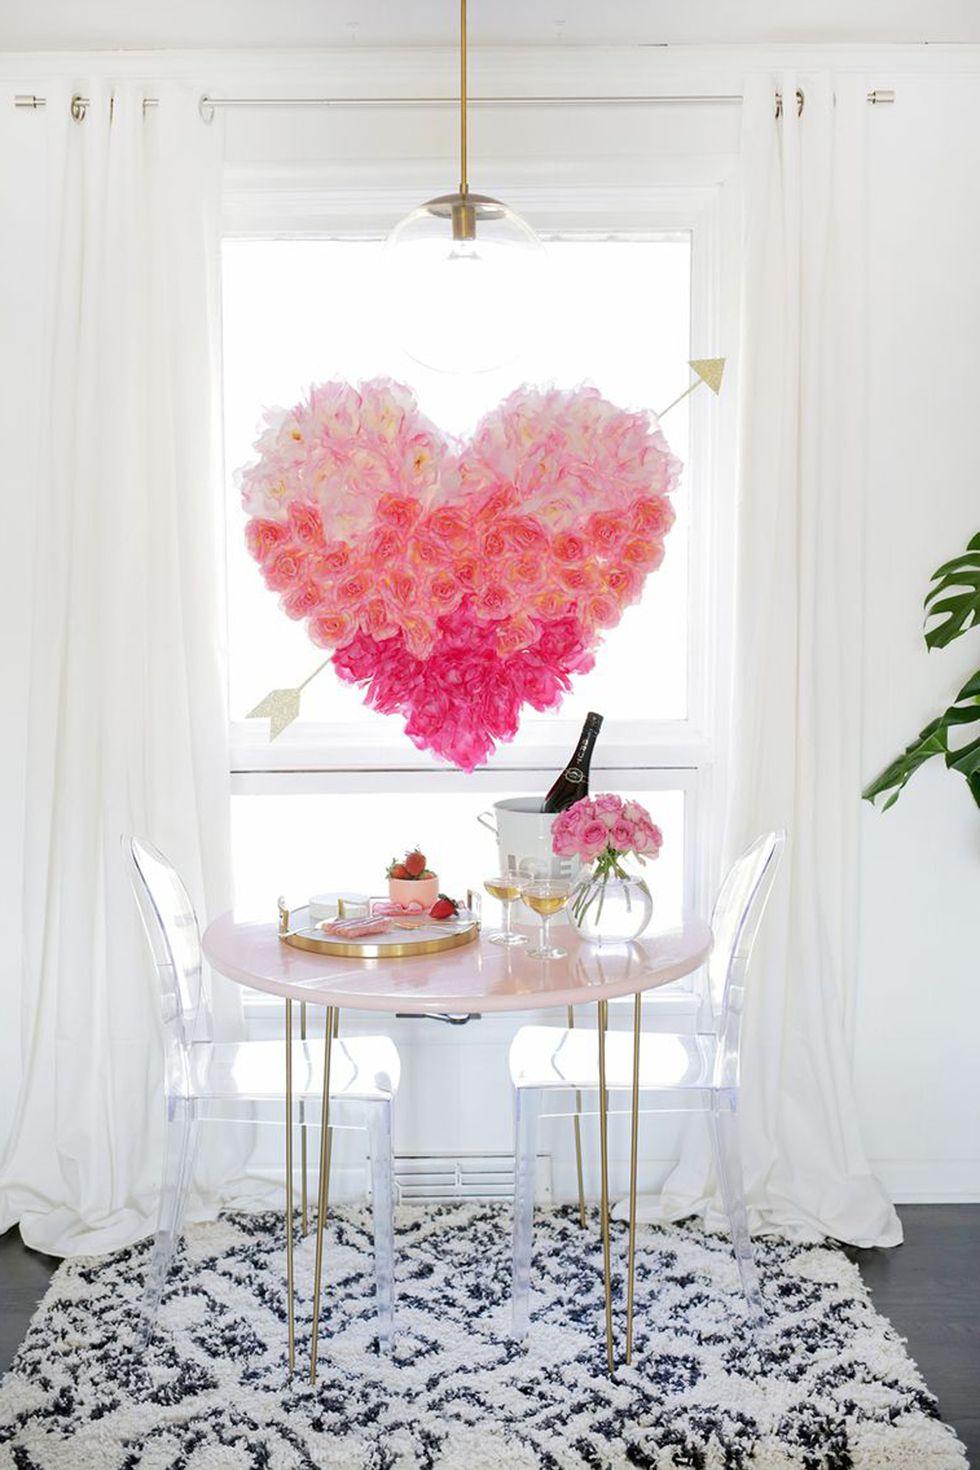 Afficher un cœur fait de roses